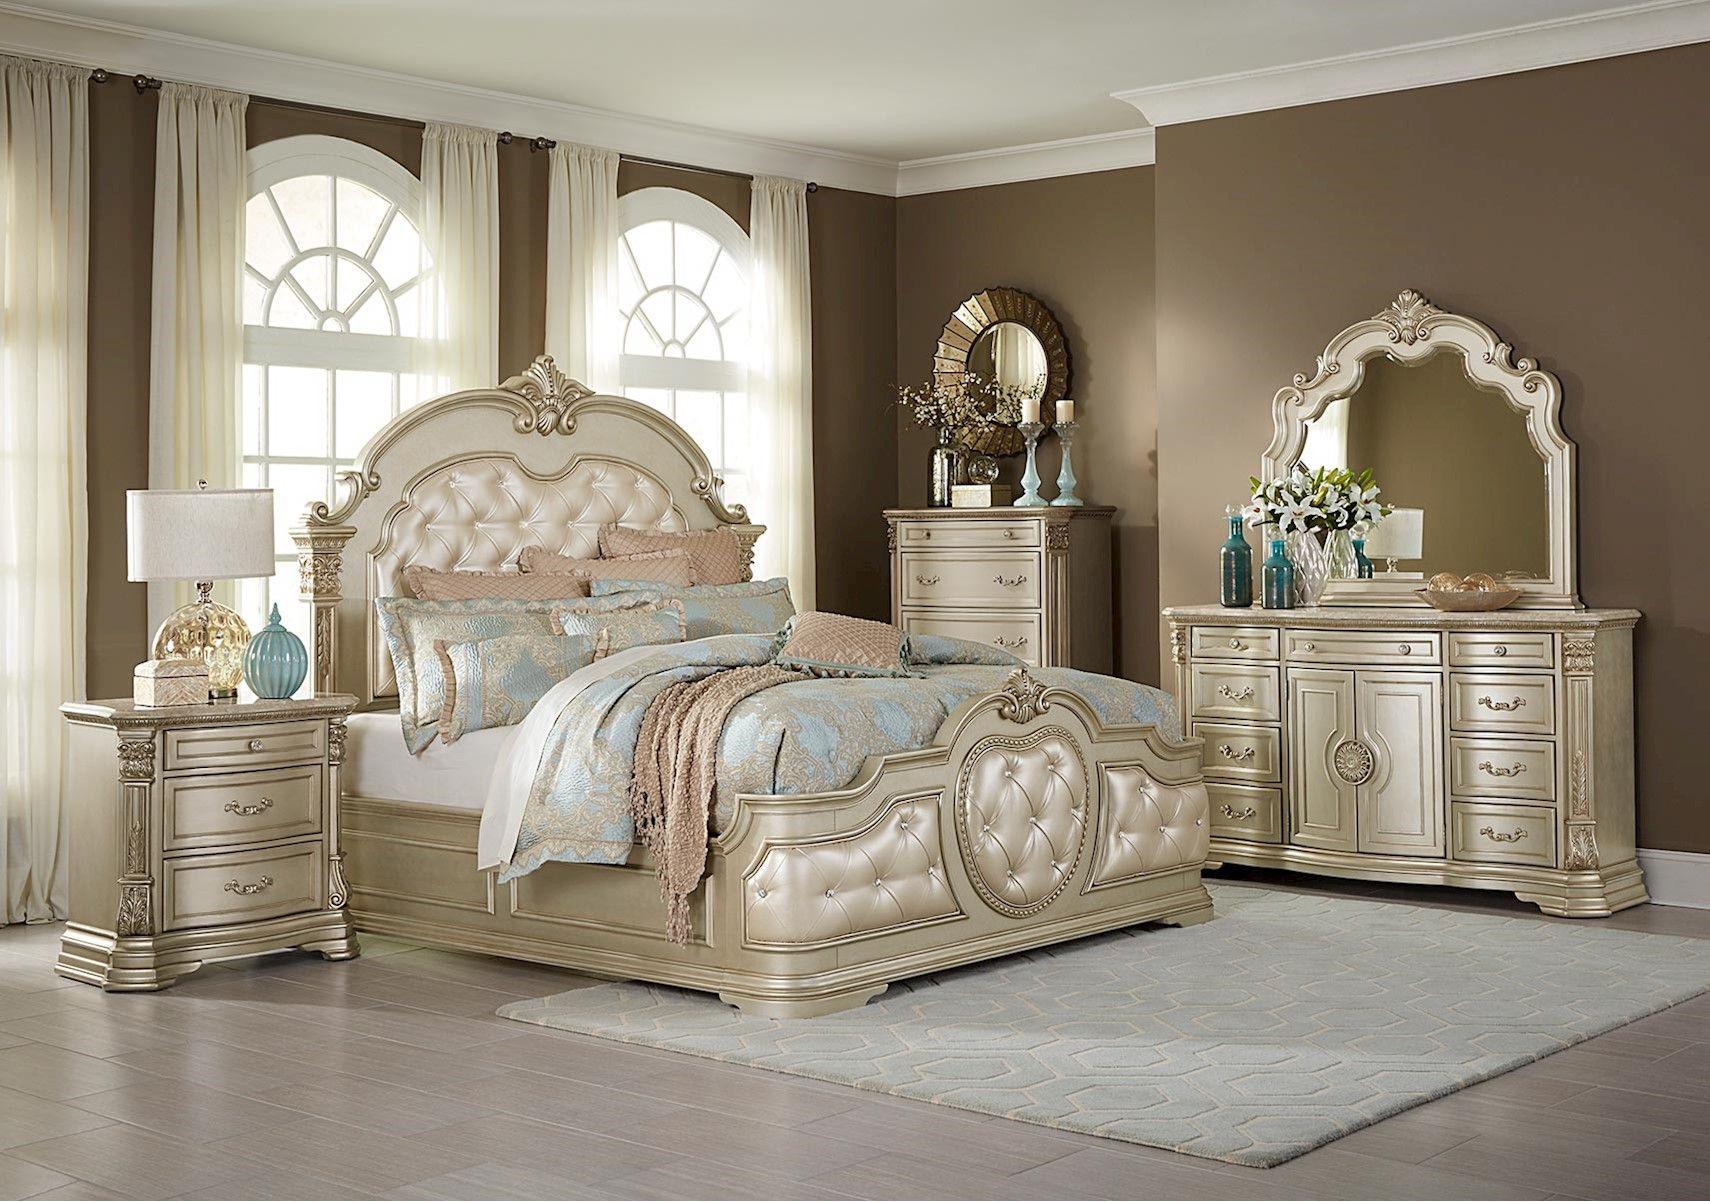 Lacks Monteria 4 Pc Queen Bedroom Set Bedroom Sets Queen